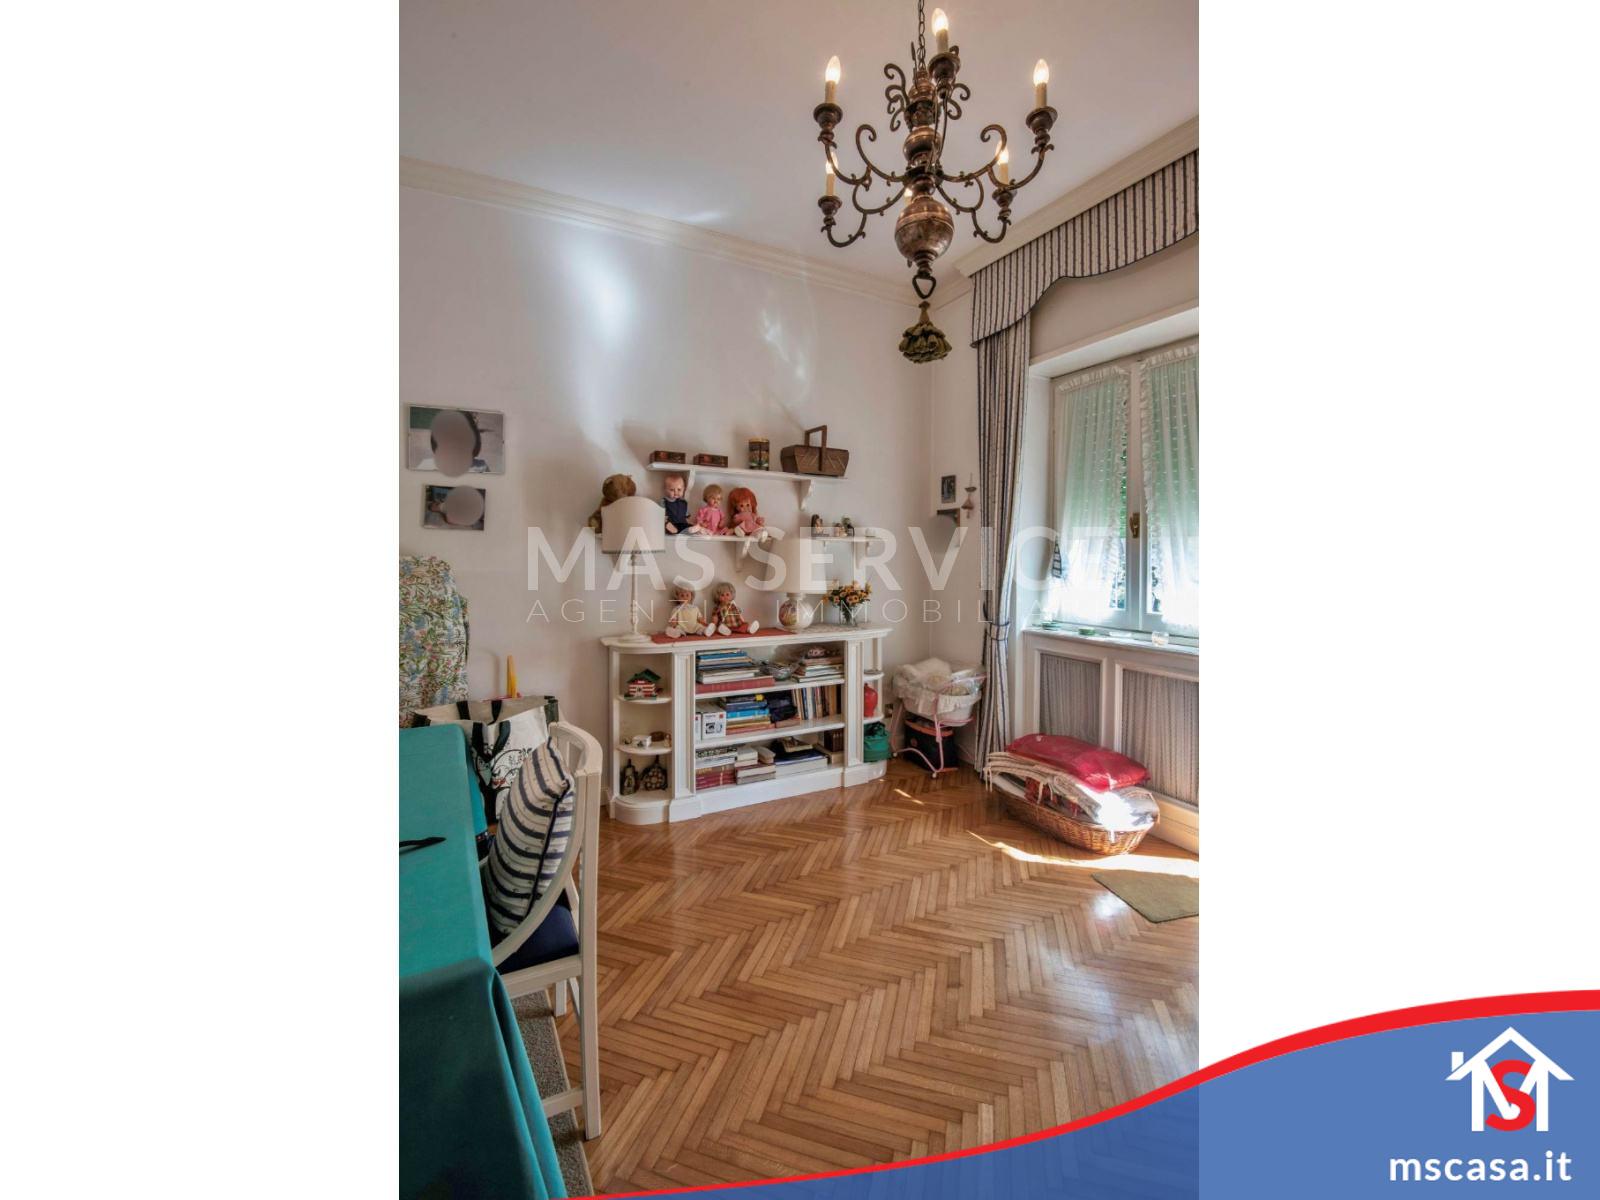 Quadrilocale in vendita zona Laurentina a Roma Vista  3 Camera da letto